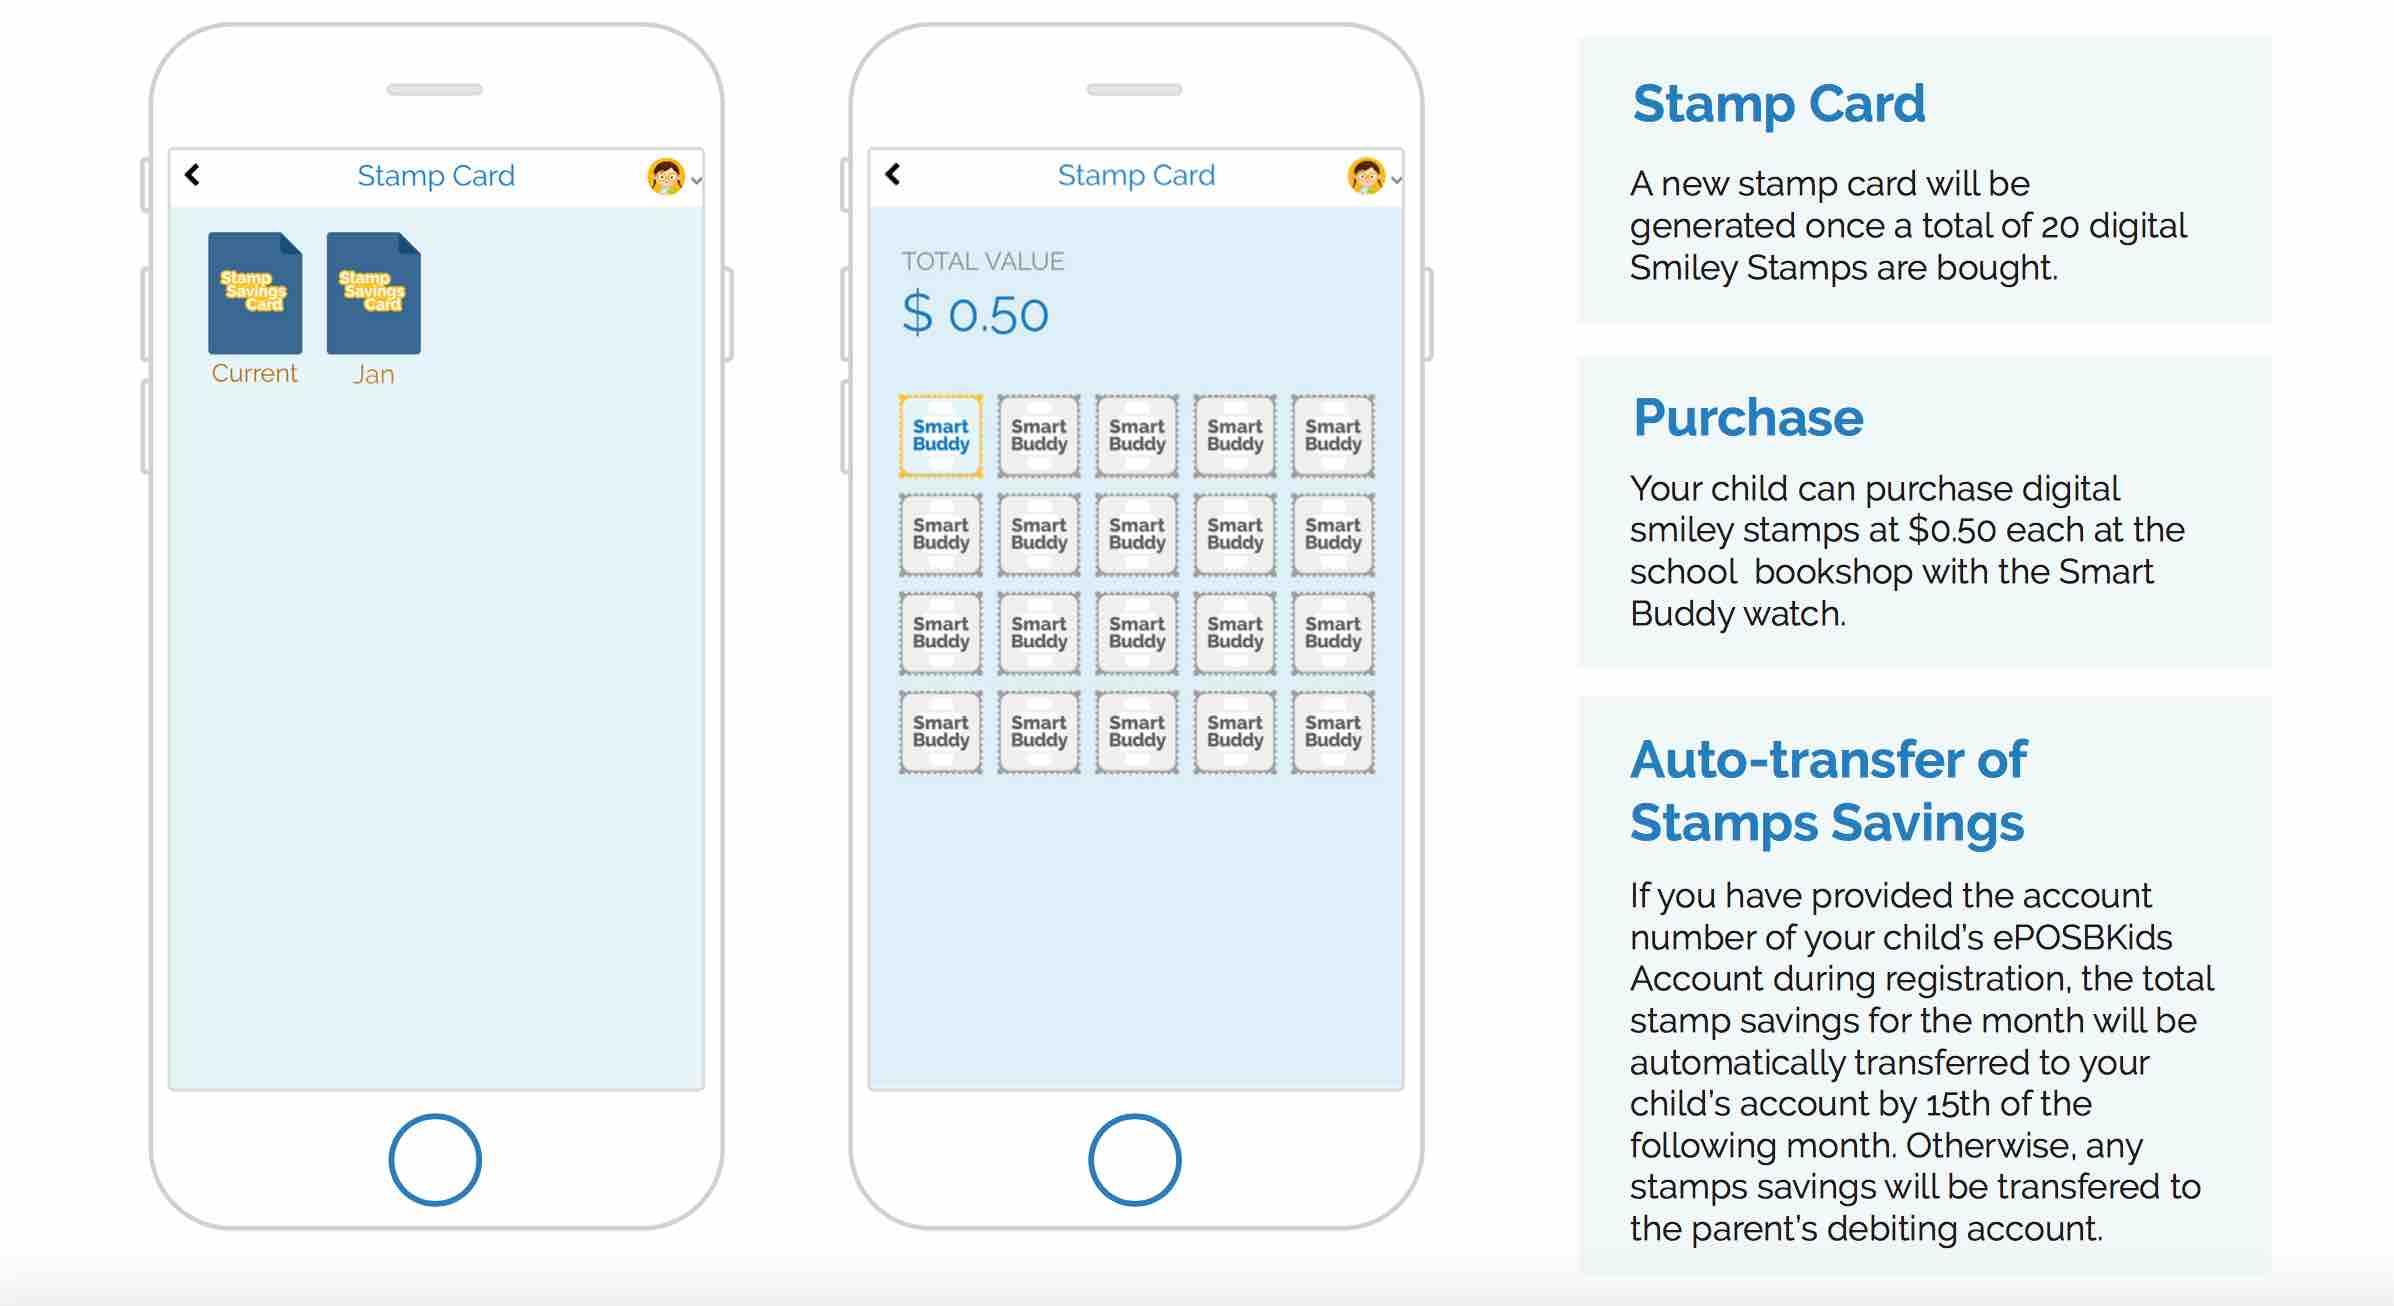 digitális zsebpénz SmartBuddy erintes nelkuli fizetes